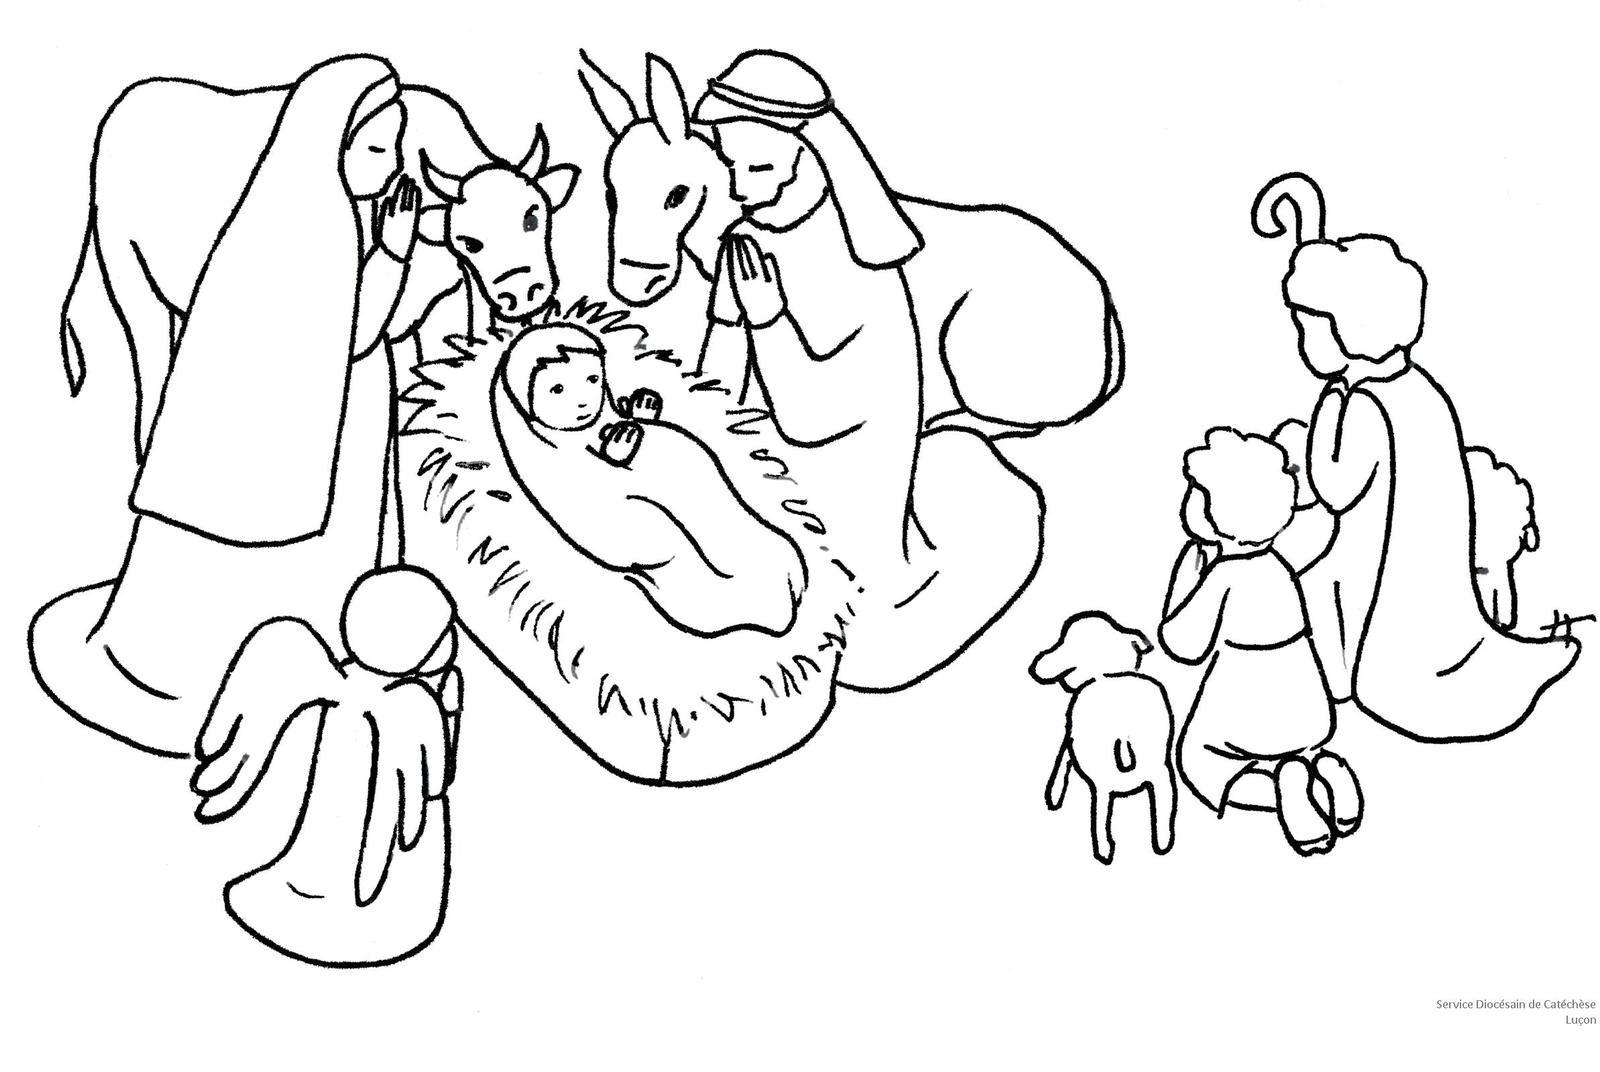 Coloriage Sur La Crèche De Noël, L'enfant Jésus, La Nativité avec Creche A Imprimer